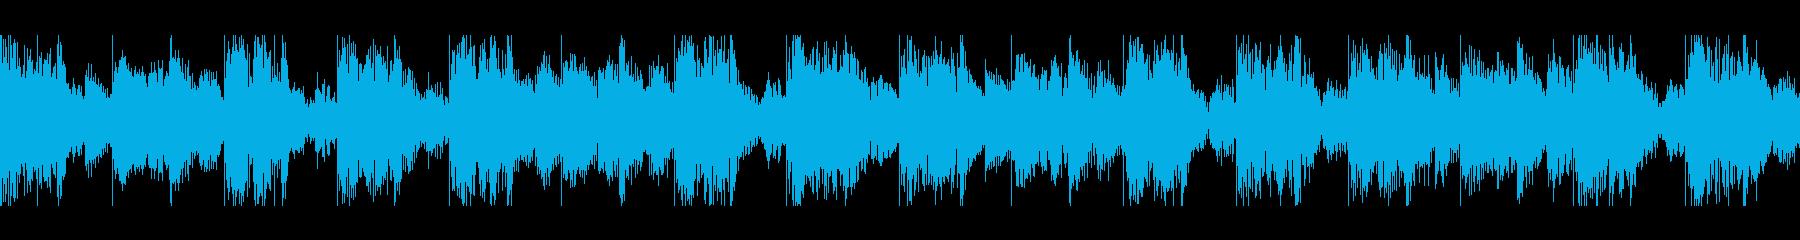 少しダークなループの再生済みの波形